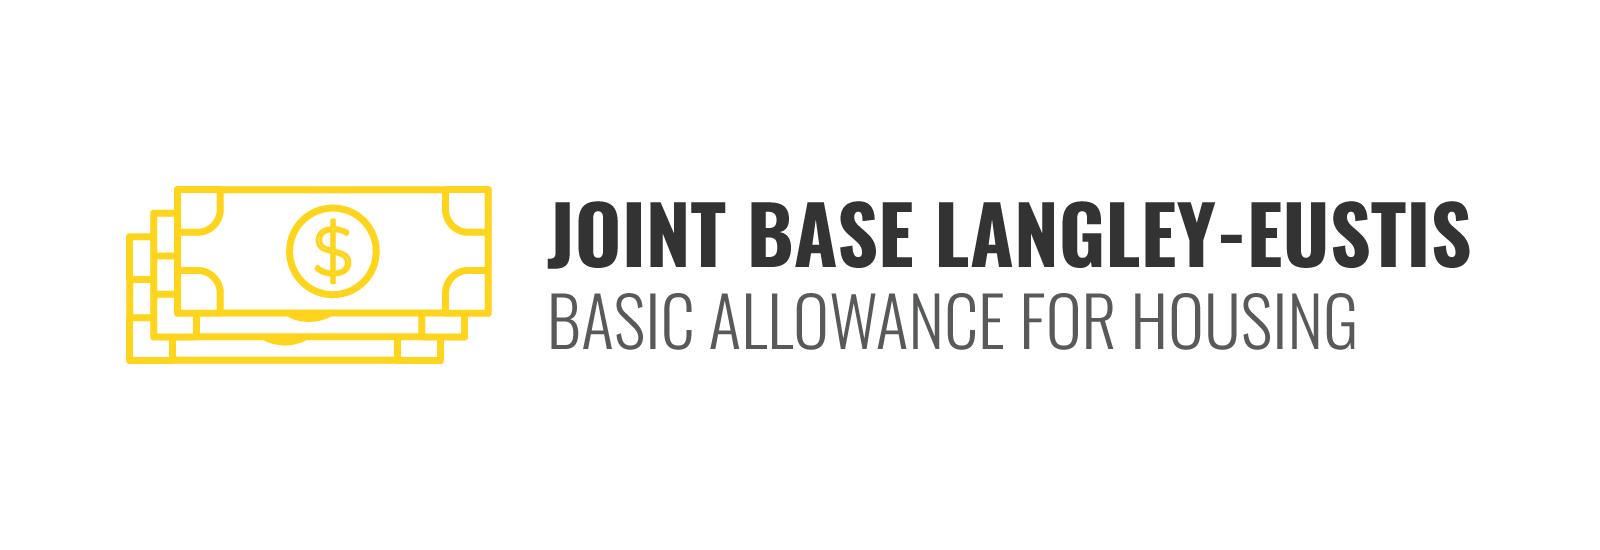 Joint Base Langley-Eustis BAH